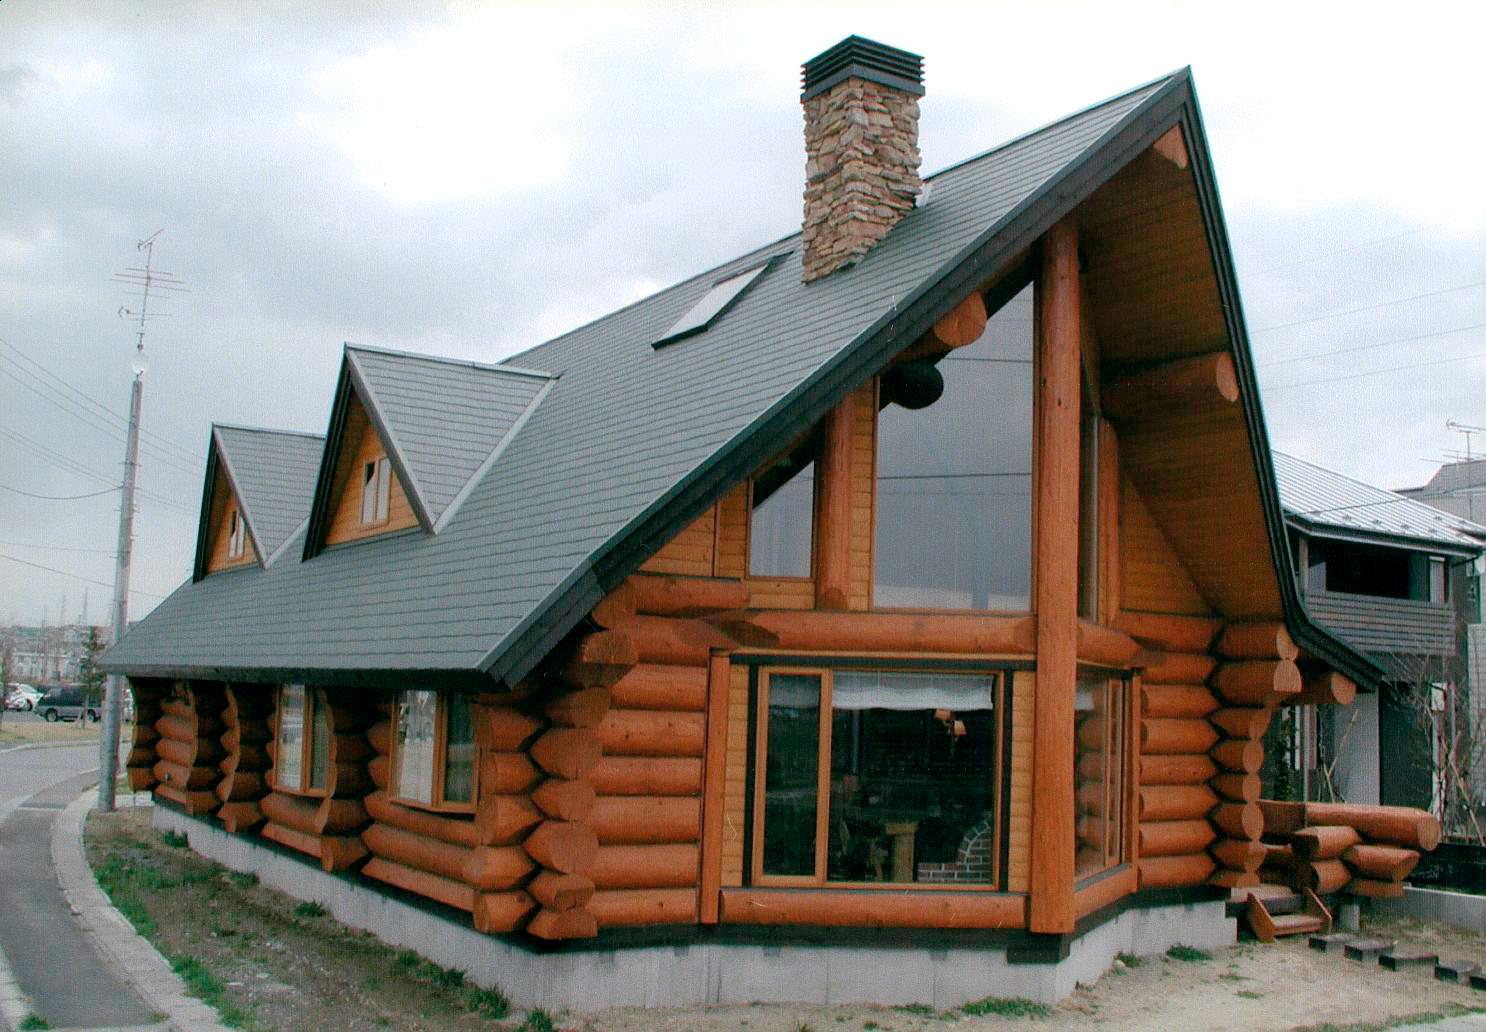 2005年度 「日本ログハウス・オブ・ザ・イヤー 優秀賞」受賞 青森県 八戸F邸